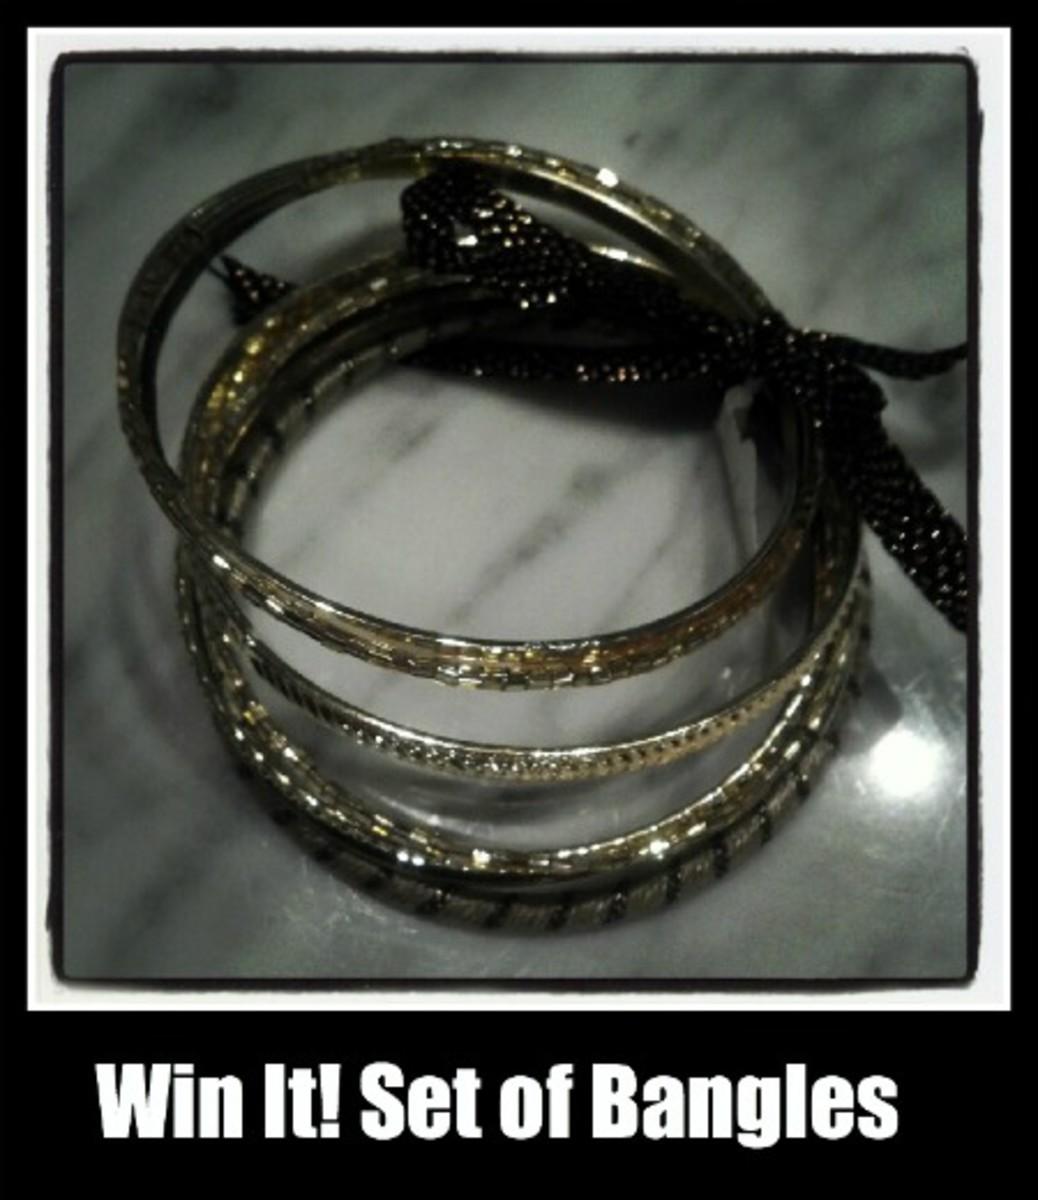 win it bracelets